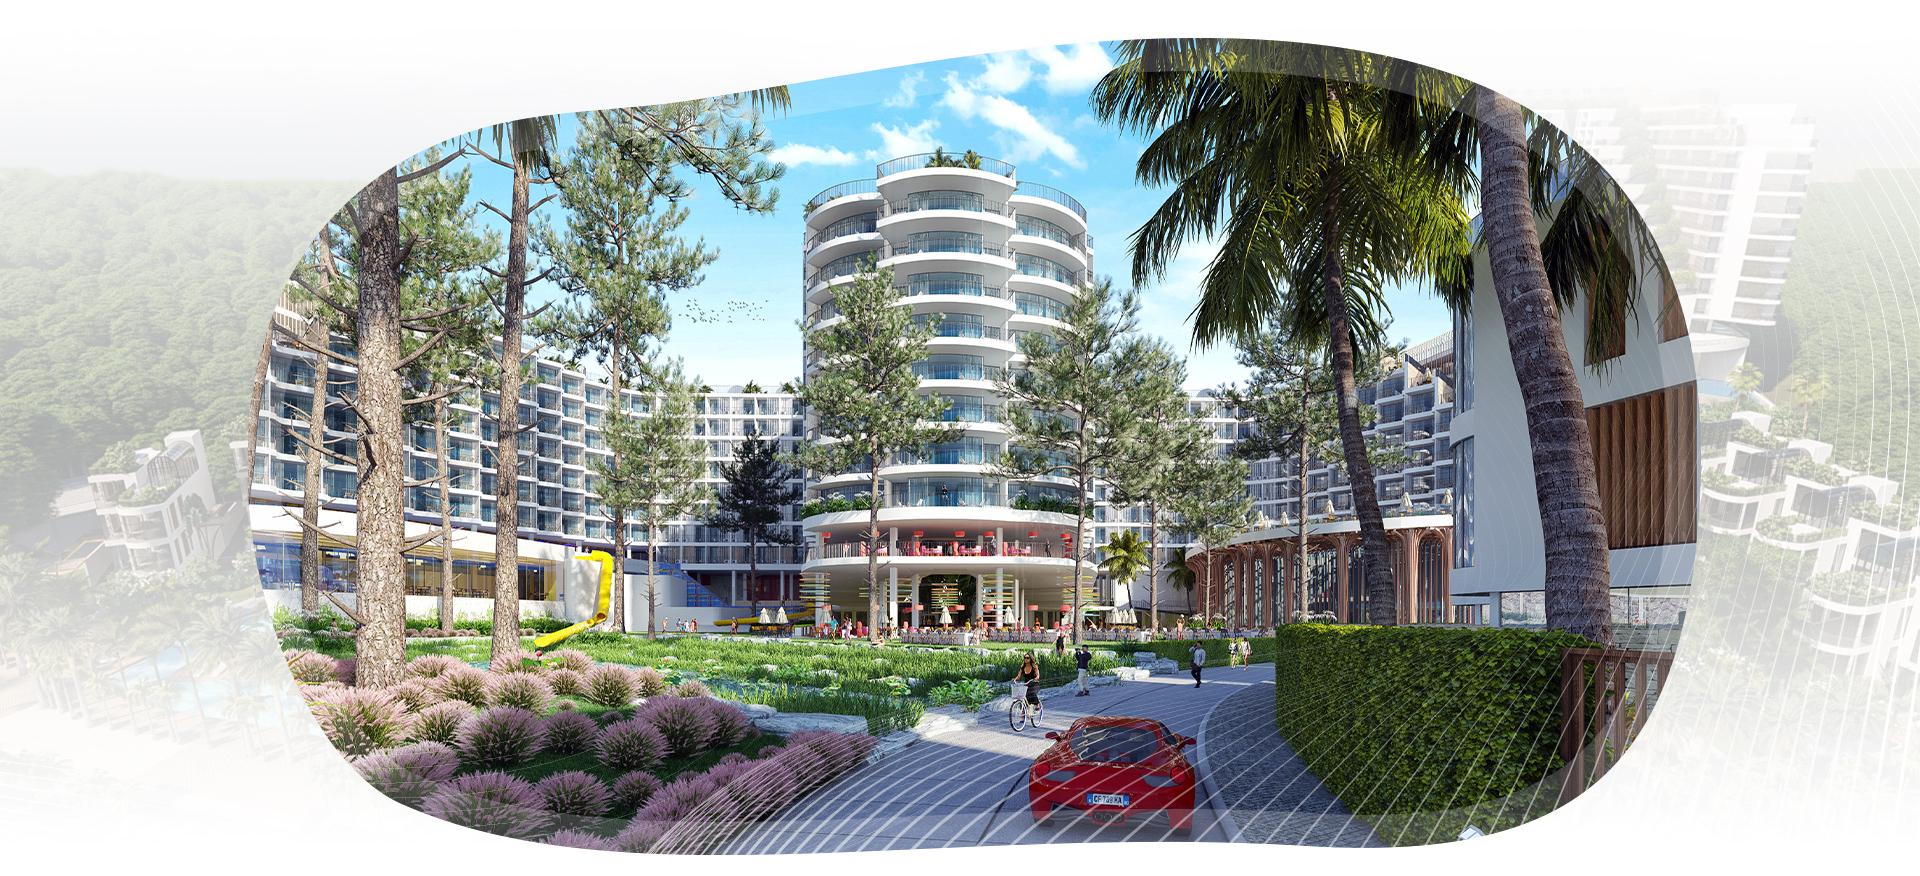 Căn hộ nghỉ dưỡng mang trải nghiệm khác biệt tại Charm Resort Long Hải 9